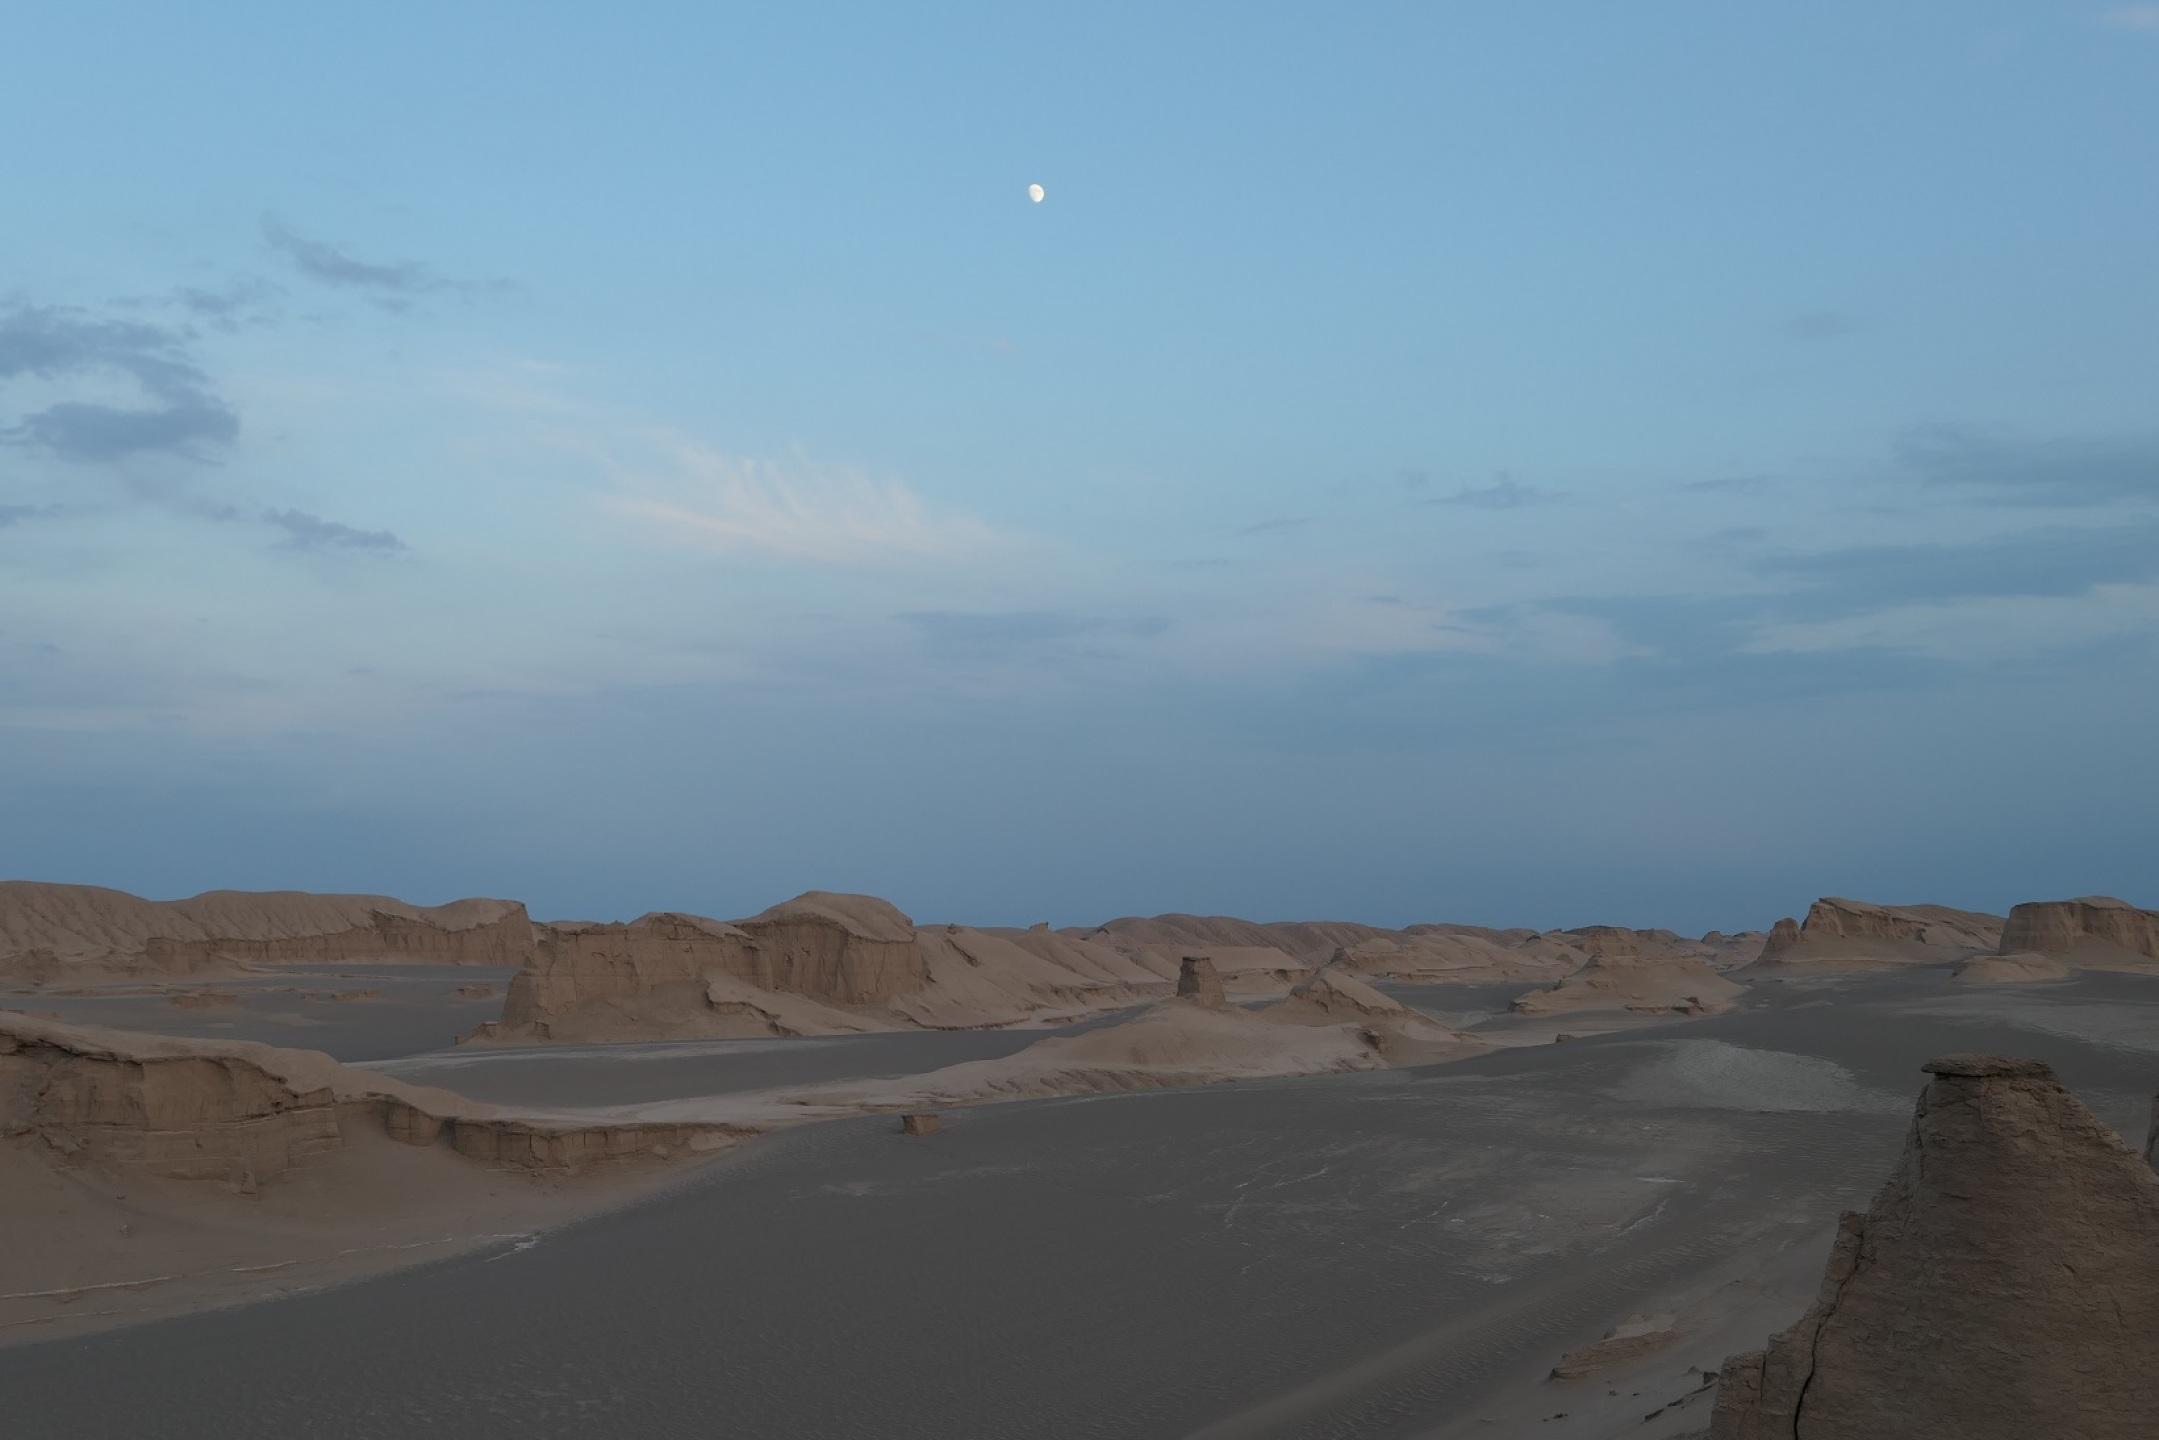 ルート砂漠の画像 p1_18